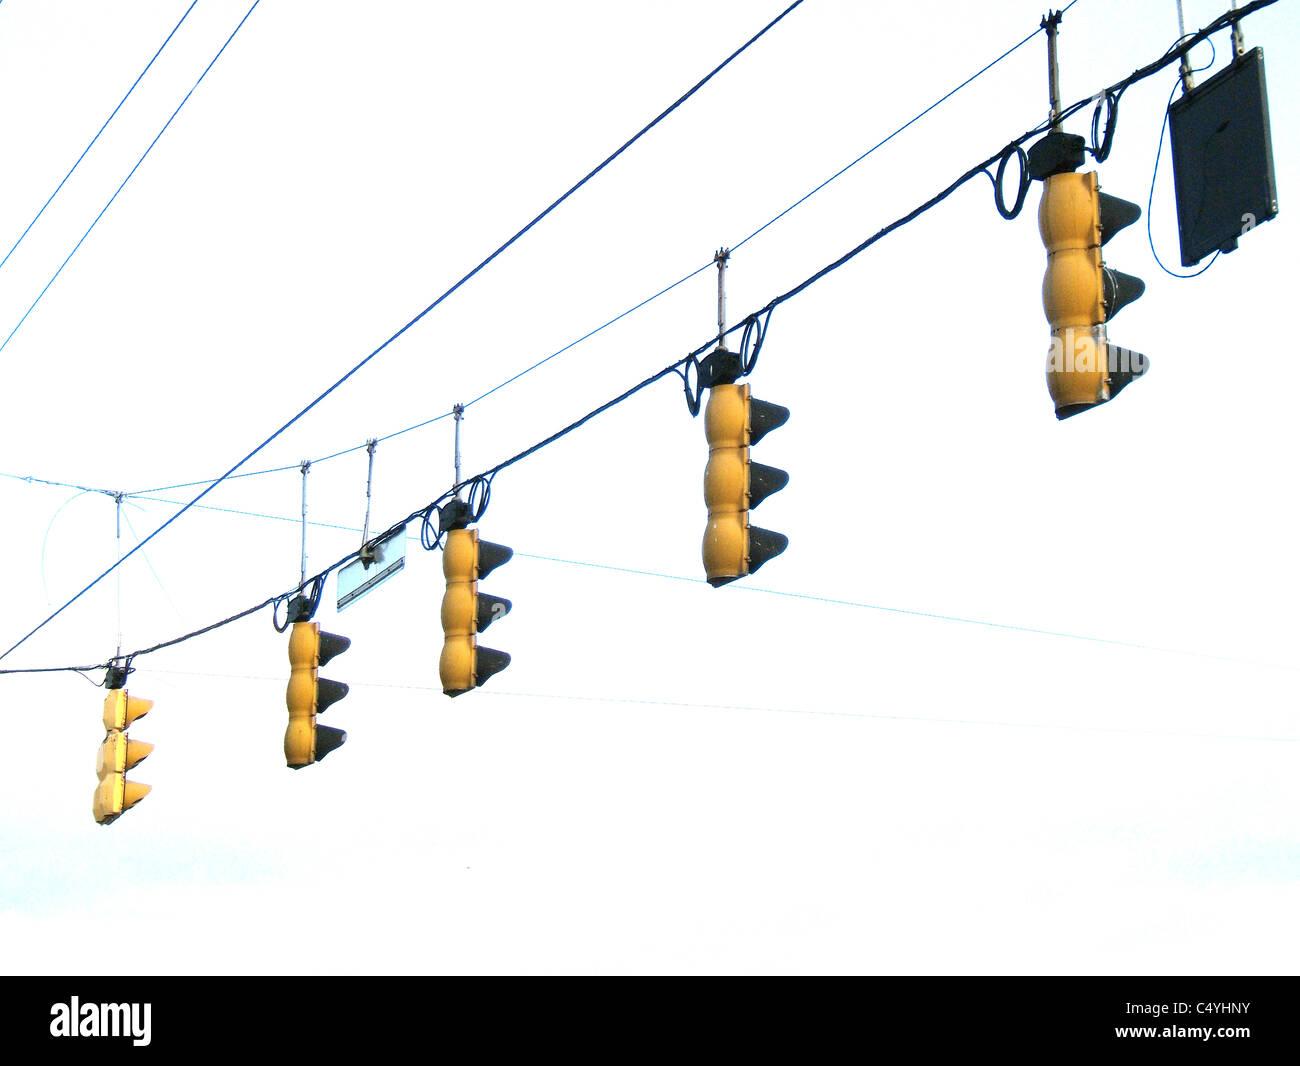 Eine hängende Teil der Ampeln und Drähte. Stockbild